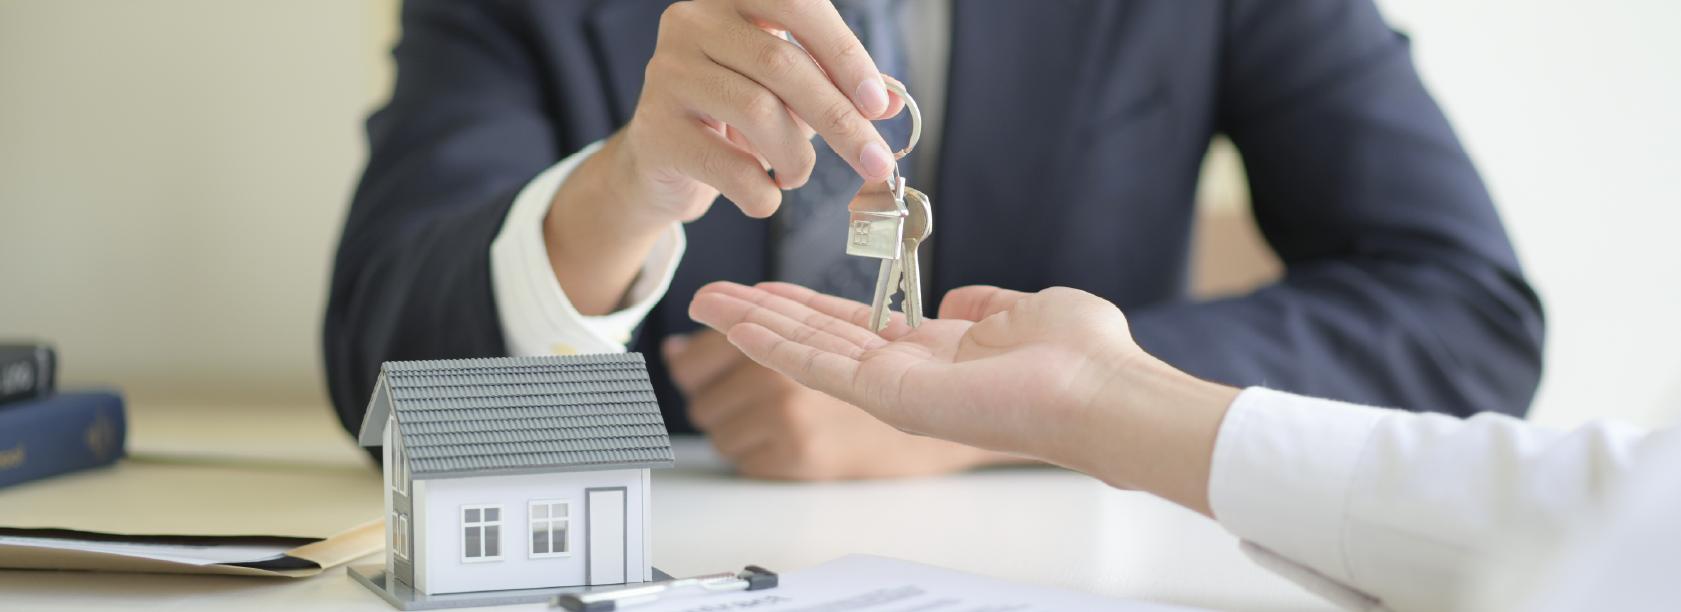 Invierte en propiedades y no pierdas el tiempo